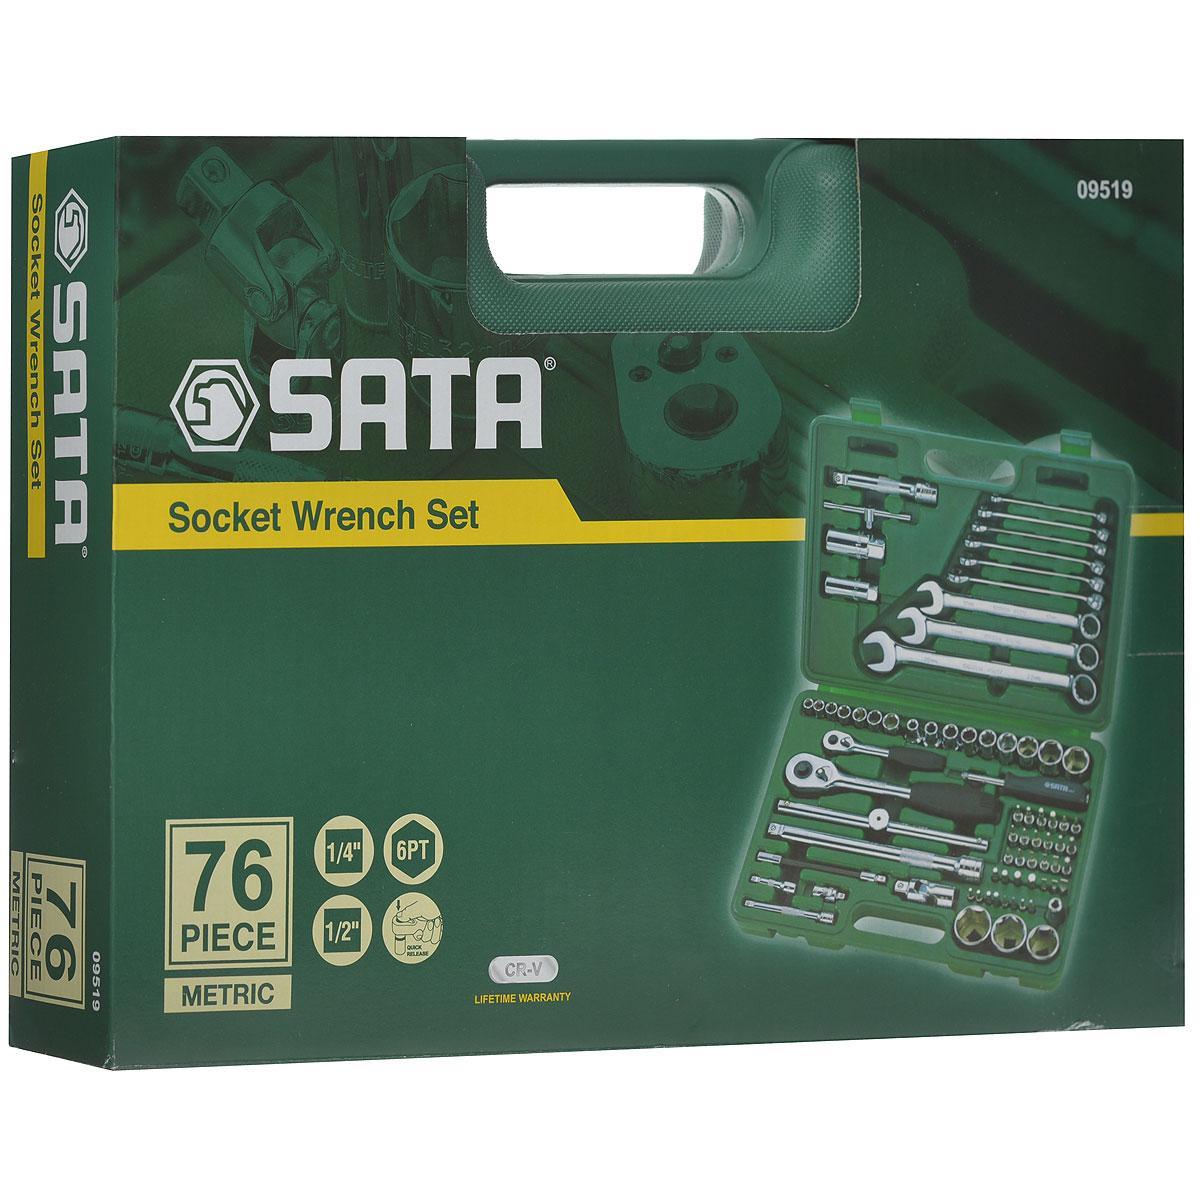 Набор инструментов SATA 76пр. 0951998298123_черныйНабор инструментов Sata - это необходимый предмет в каждом доме. Он включает в себя 76 предметов, которые умещаются в небольшом пластиковом кейсе. Такой набор будет идеальным подарком мужчине.Состав набора:Биты шлицевые: 8 мм, 10 мм, 12 мм. Биты POZI: PZ1, PZ4. Биты Phillips: РН3, РН4. Биты TORX: Т40, T45, T50, T55. Биты HEX: 9 мм, 10 мм, 12 мм, 14 мм. Ключ свечной 1/2: 16 мм. Ключ свечной 1/2: 21мм. Биты шлицевые с хвостовиком под ключ 1/4: 4 мм, 5,5 мм, 6,5 мм. Биты POZI с хвостовиком под ключ 1/4: PZ1, PZ2. Биты Phillips с хвостовиком под ключ 1/4: PH1, PH2. Биты TORX с хвостовиком под ключ 1/4: Т8, T10, T15, T20, T25, T30, T40. Биты HEX с хвостовиком под ключ 1/4: 3 мм, 4 мм, 5 мм, 6 мм. Привод 1/2. Рукоятка реверсивная 1/2. Удлинитель 1/2: 125мм. Удлинитель 1/2: 250 мм. Вороток 1/2: 250 мм. Шарнир карданный 1/2. Адаптер для битов 1/2. Головки торцевые шестигранные 1/4: 8 мм, 9 мм, 10 мм, 11 мм, 12 мм, 13 мм, 14 мм. Головки торцевые шестигранные 1/2: 8 мм, 10 мм, 12 мм, 13 мм, 14 мм, 17 мм, 19 мм, 22 мм, 24 мм, 27 мм, 30 мм, 32 мм. Ключи комбинированные: 8 мм, 10 мм, 11 мм, 12 мм, 13 мм, 14 мм, 17 мм, 19 мм, 22 мм. Привод 1/4. Рукоятка реверсивная 1/4. Удлинитель 1/4: 50 мм. Удлинитель 1/4: 100 мм. Вороток 1/4: 100 мм. Рукоятка отверточная 1/4. Шарнир карданный 1/4. Удлинитель гибкий 1/4: 150 мм.